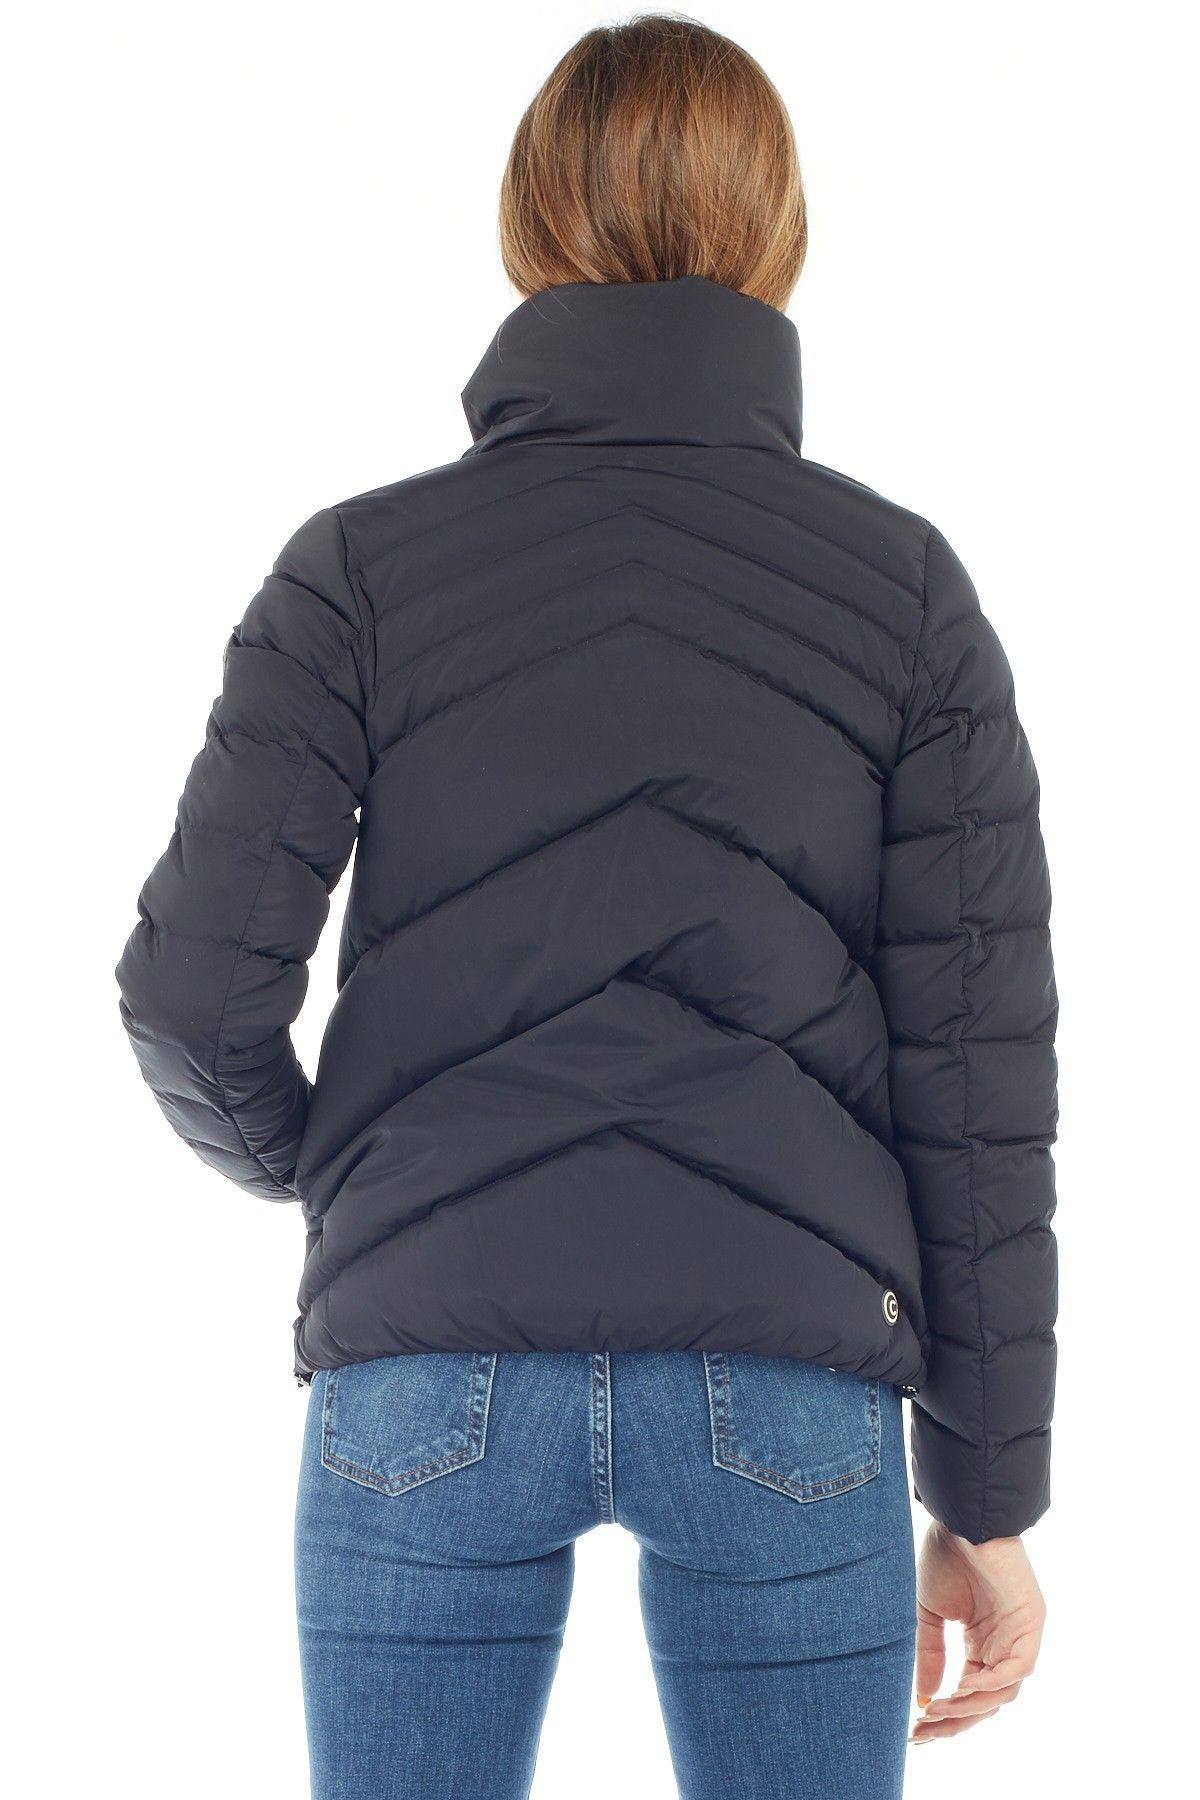 50% COLMAR PIUMINO STRETCH TRAPUNTE DIAGONALI - Abbigliamento e ... 4fe695b3454